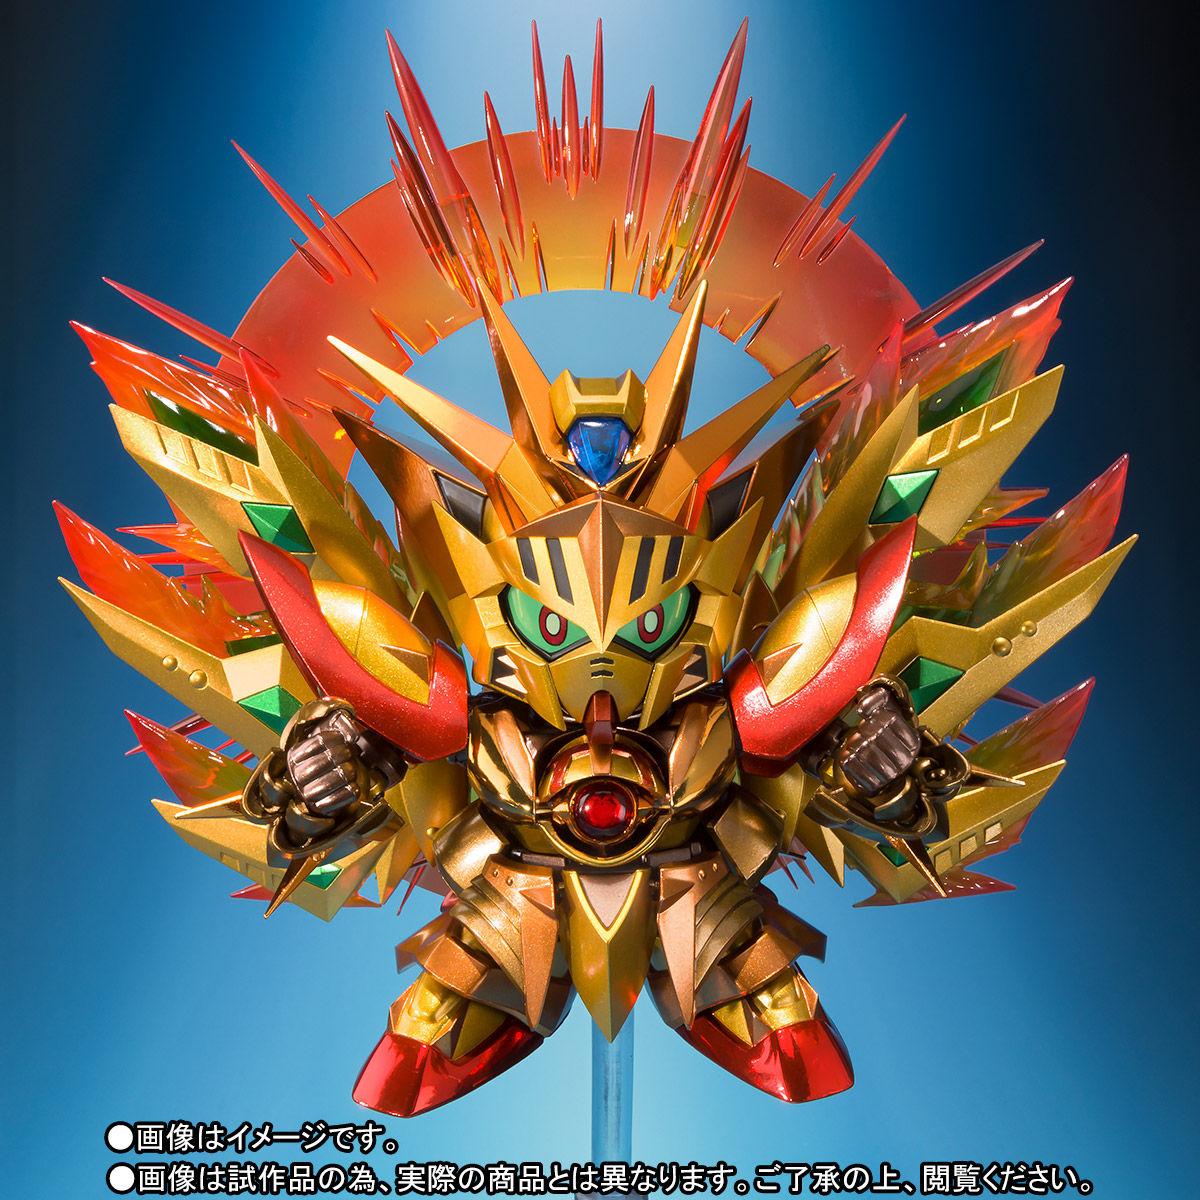 SDX『太陽騎士ゴッドガンダム 明鏡止水ゴールドバージョン』新SDガンダム外伝 可動フィギュア-005